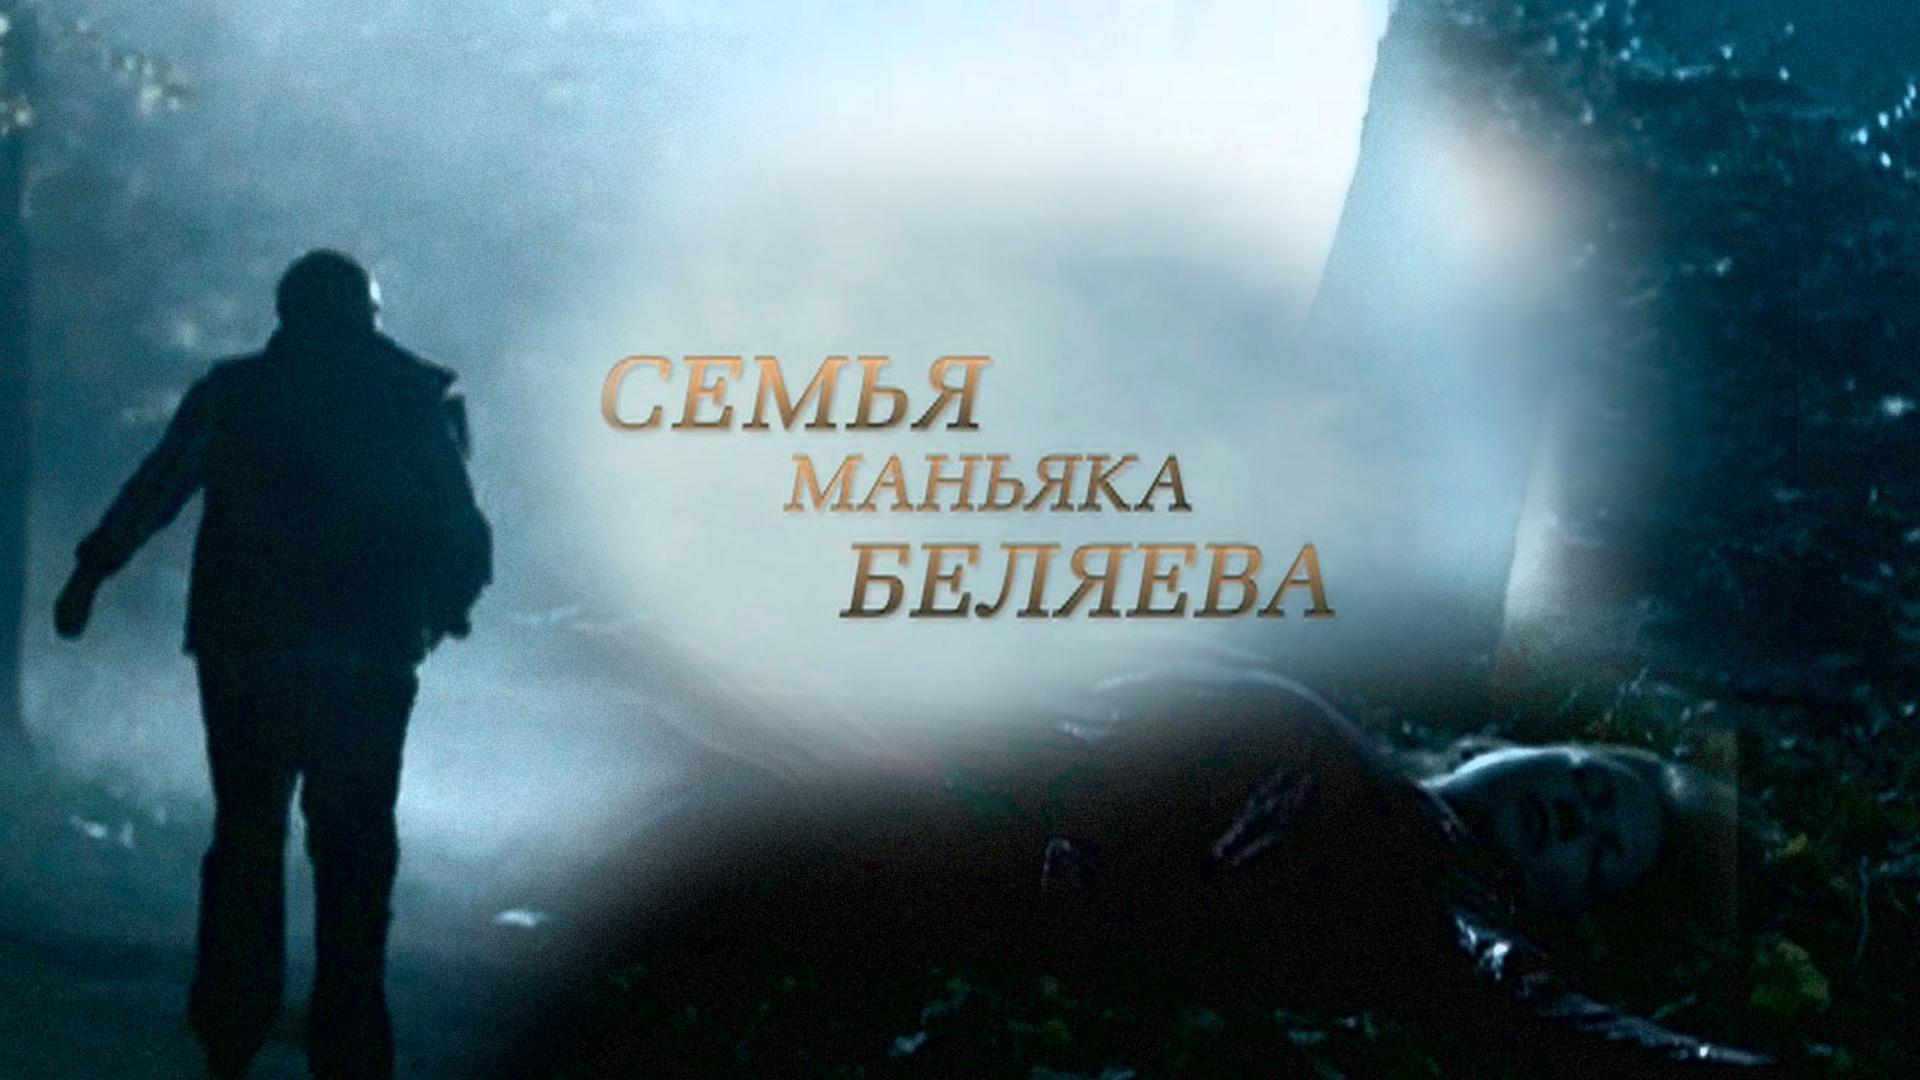 Семья маньяка Беляева